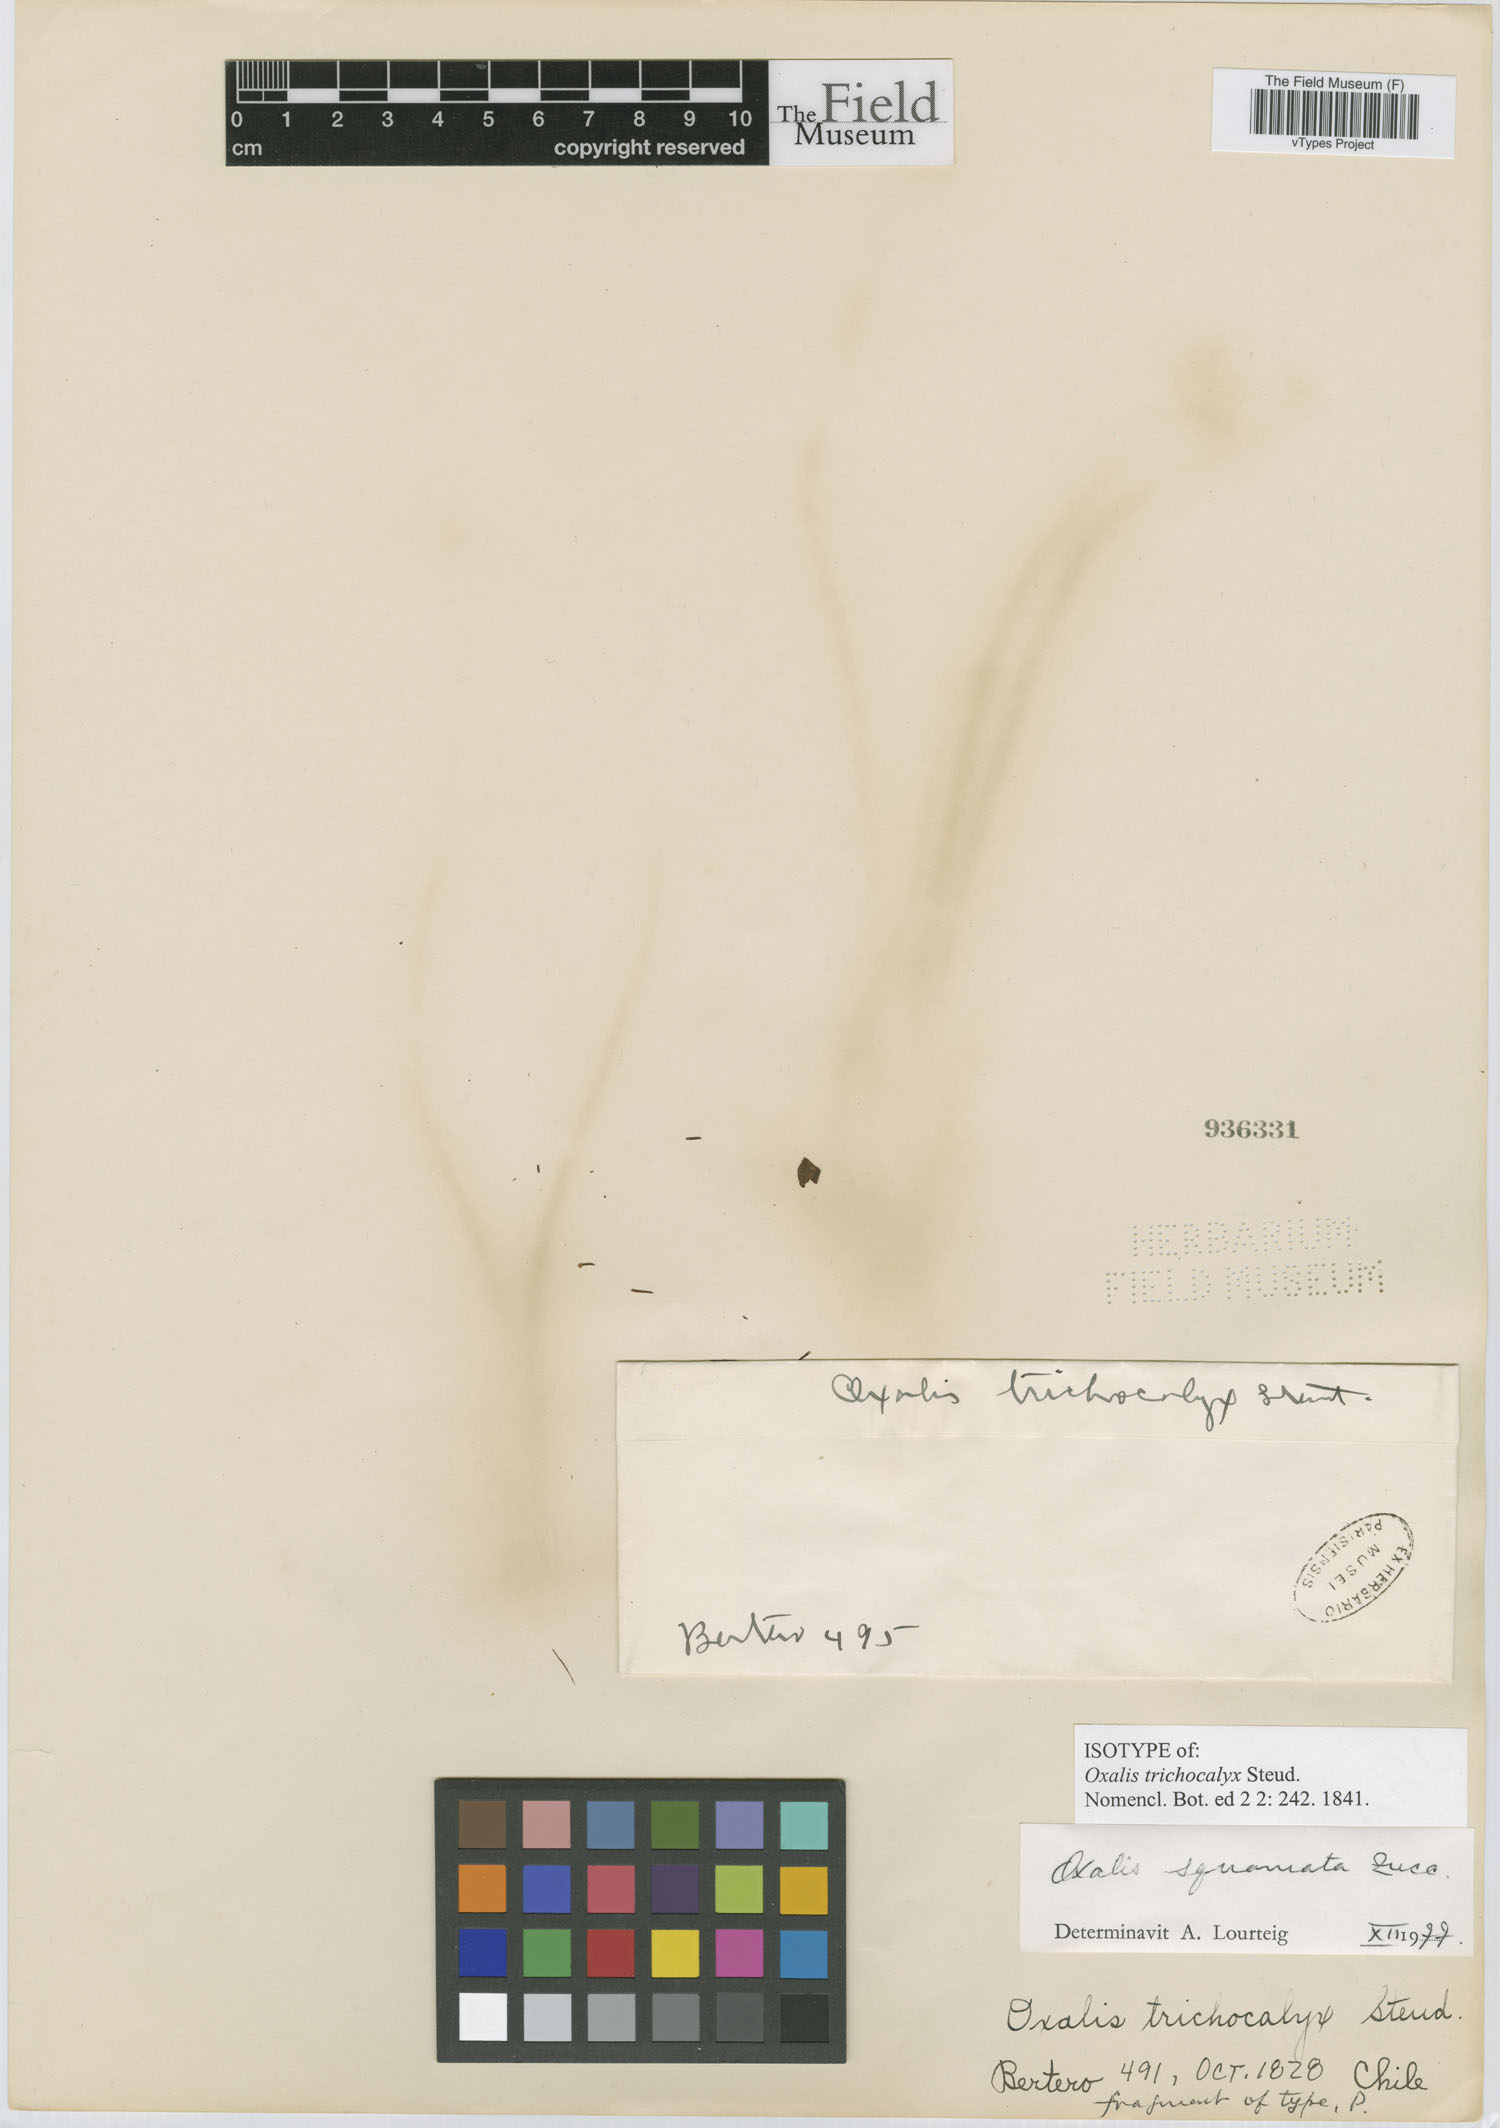 Oxalis trichocalyx image